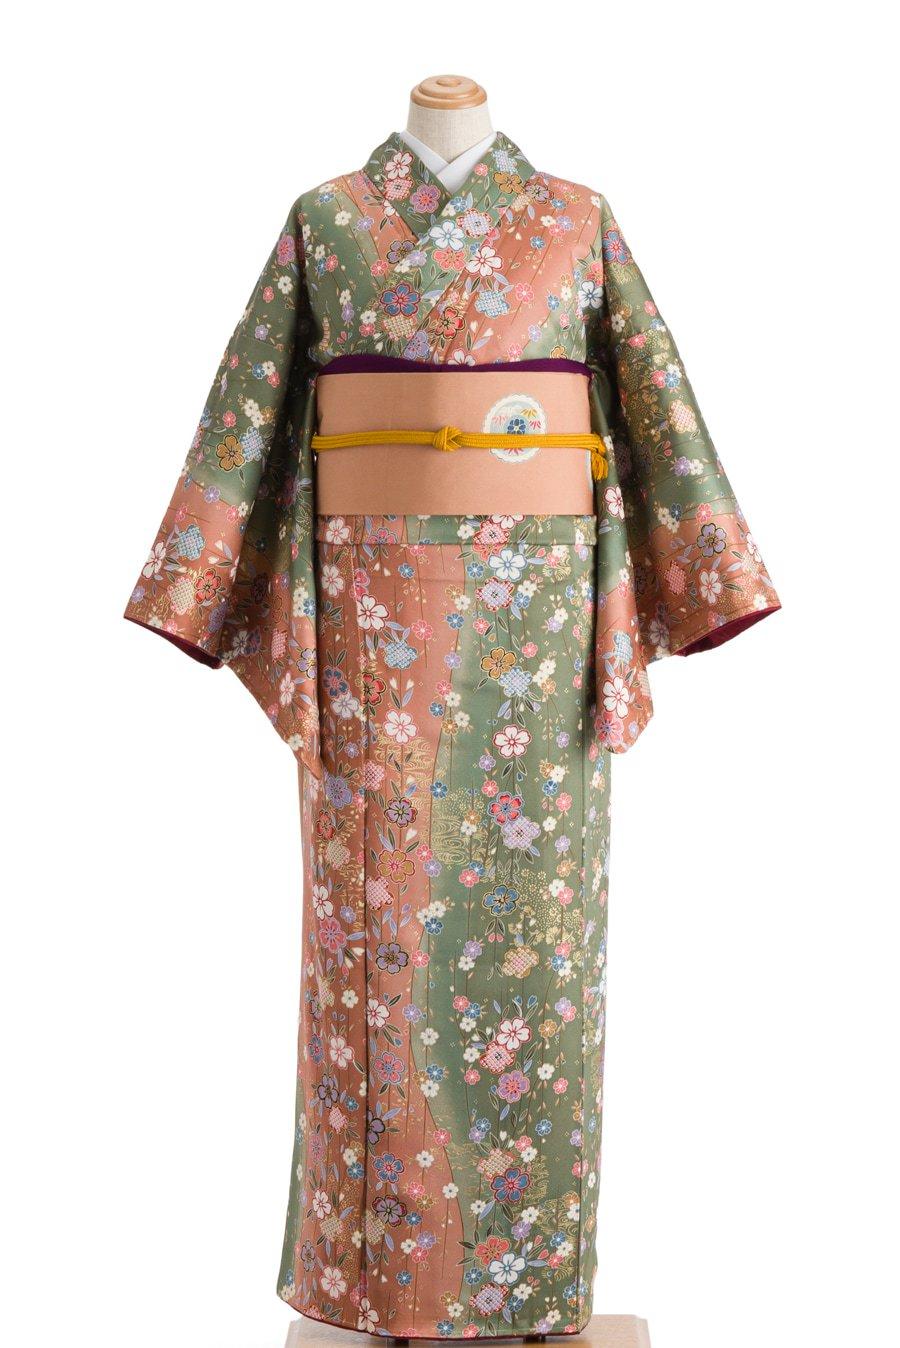 「二色の地に枝垂れ桜」の商品画像